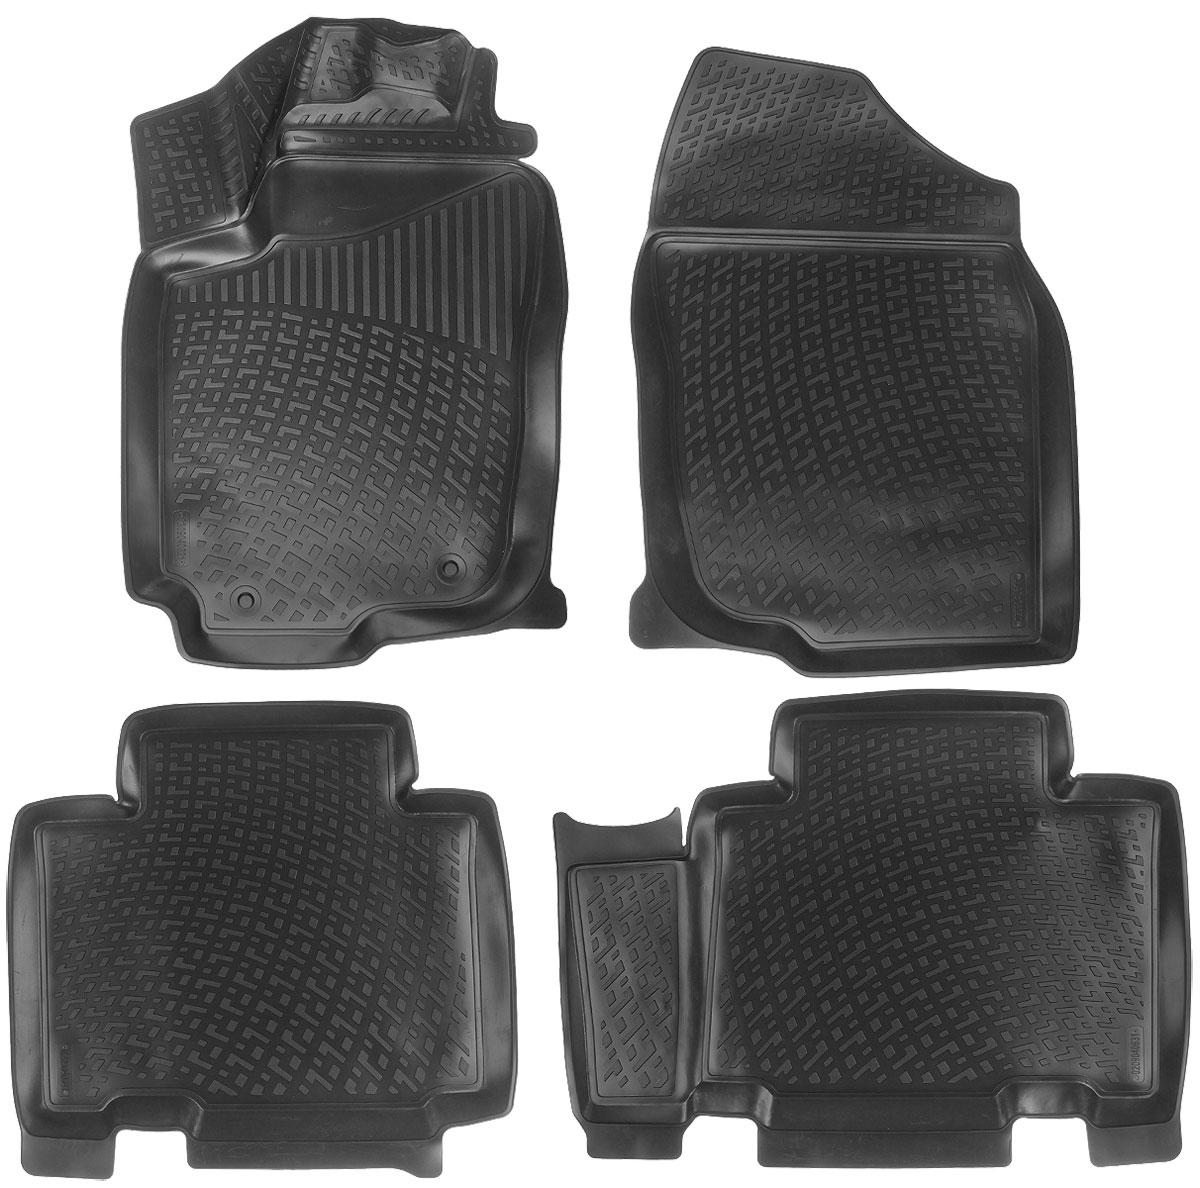 Набор автомобильных ковриков L.Locker Toyota RAV4 IV 2012, в салон, 4 шт0209040601Набор L.Locker Toyota RAV4 IV 2012, изготовленный из полиуретана, состоит из 4 антискользящих 3D ковриков, которые производятся индивидуально для каждой модели автомобиля. Изделие точно повторяет геометрию пола автомобиля, имеет высокий борт, обладает повышенной износоустойчивостью, лишено резкого запаха и сохраняет свои потребительские свойства в широком диапазоне температур от -50°С до +50°С. Набор подходит для автомобилей с 2012 года выпуска. Комплектация: 4 шт. Размер ковриков: 81 см х 55 см; 80 см х 60 см; 62 см х 59 см; 78 см х 55 см.